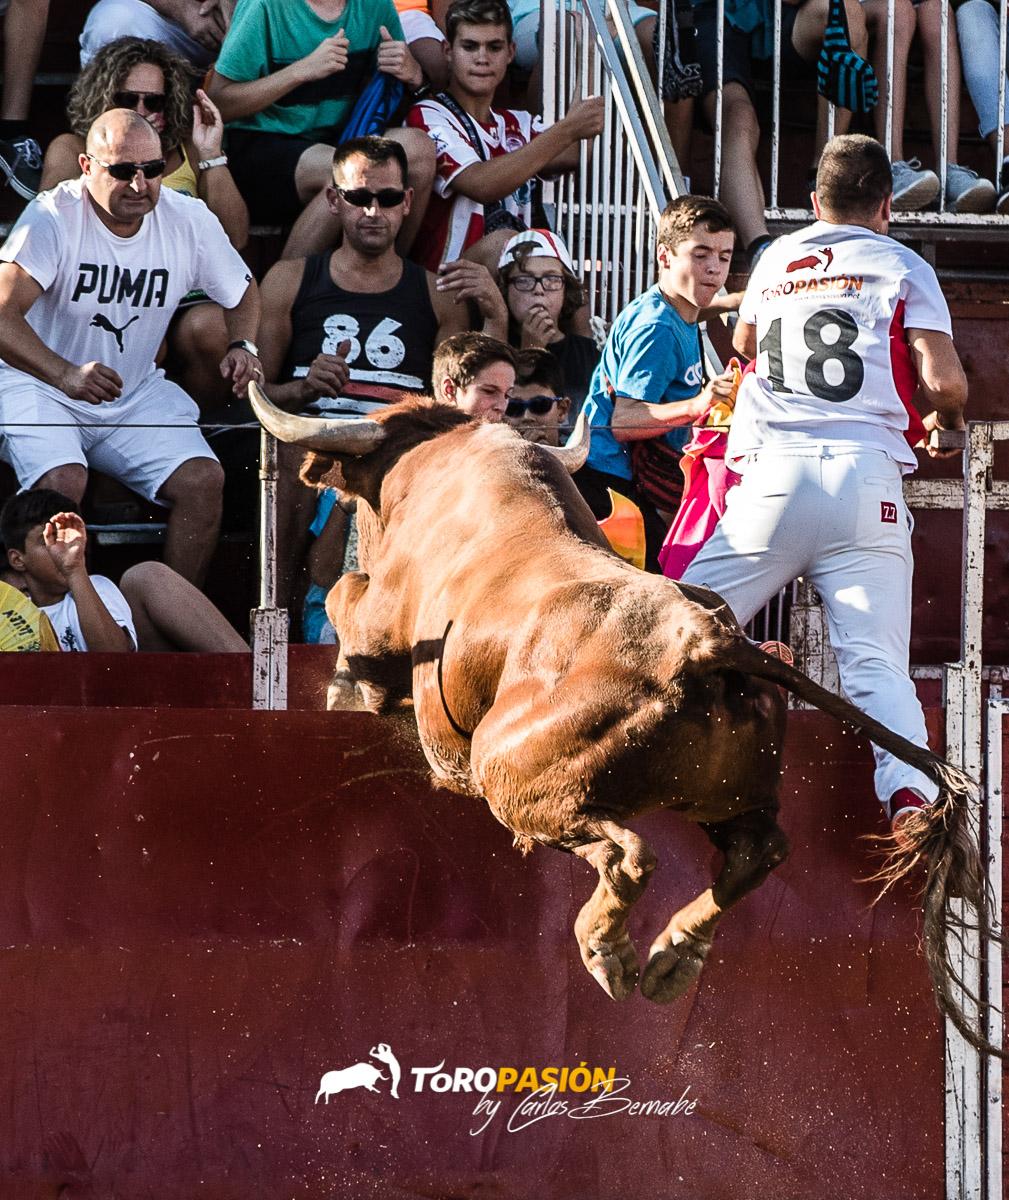 Los toros de Arriazu son conocidos en toda España por su fuerza y agilidad.